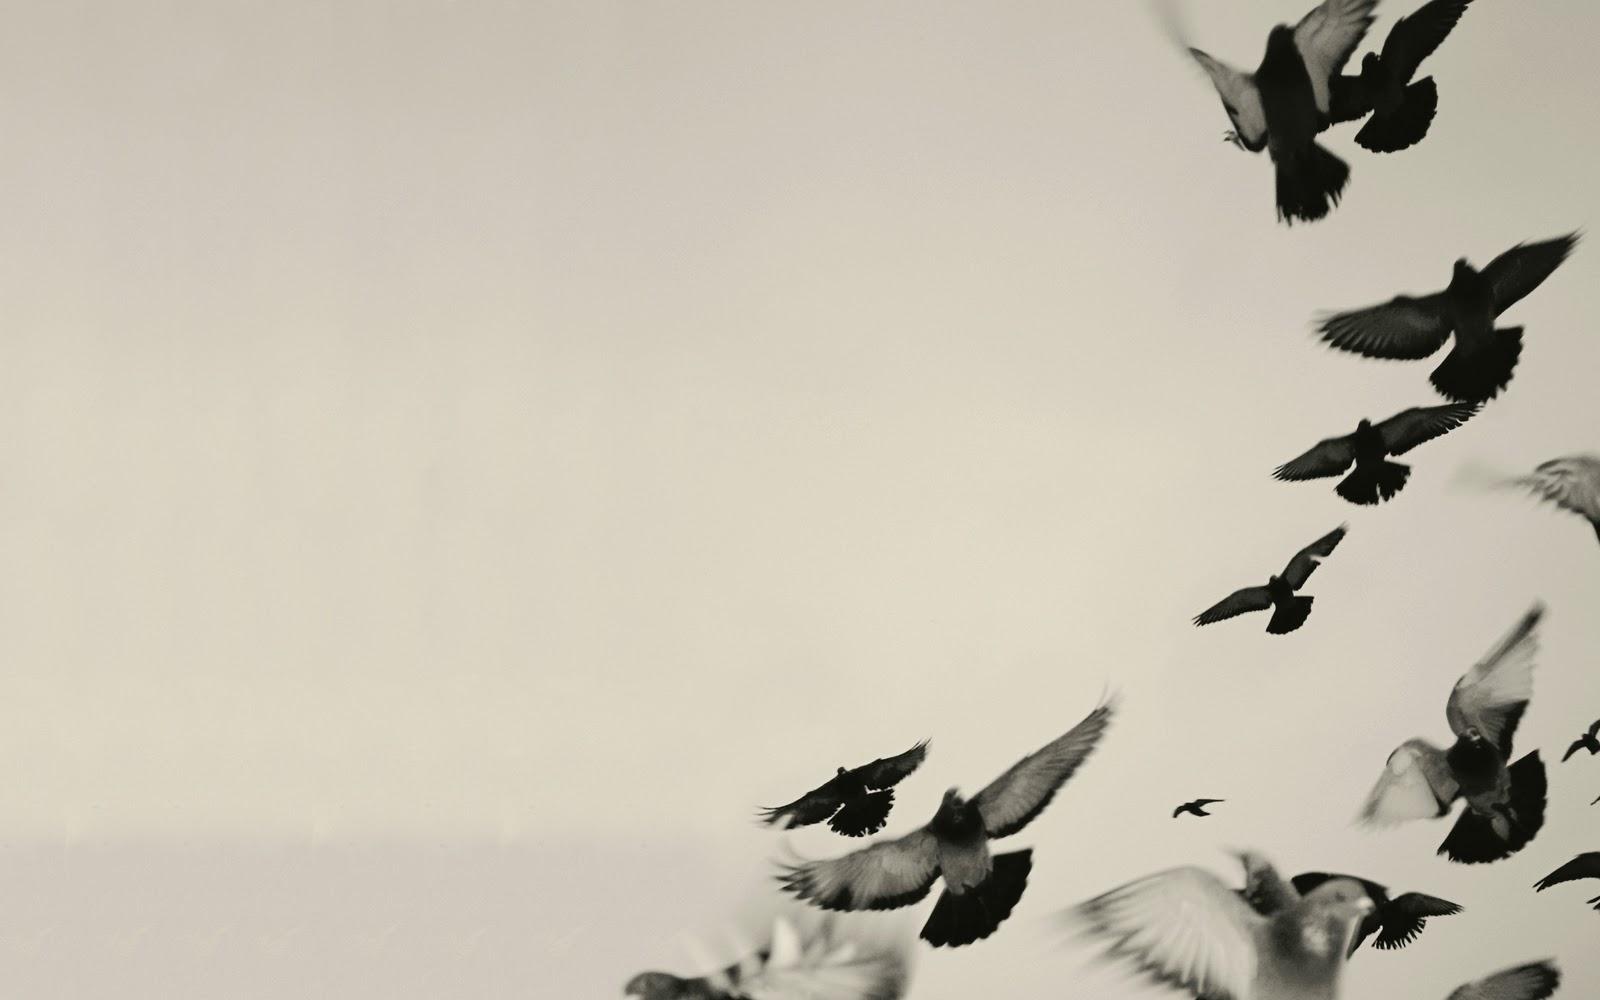 black wallpaper with birds image bear and bird photos pnkscambodia org